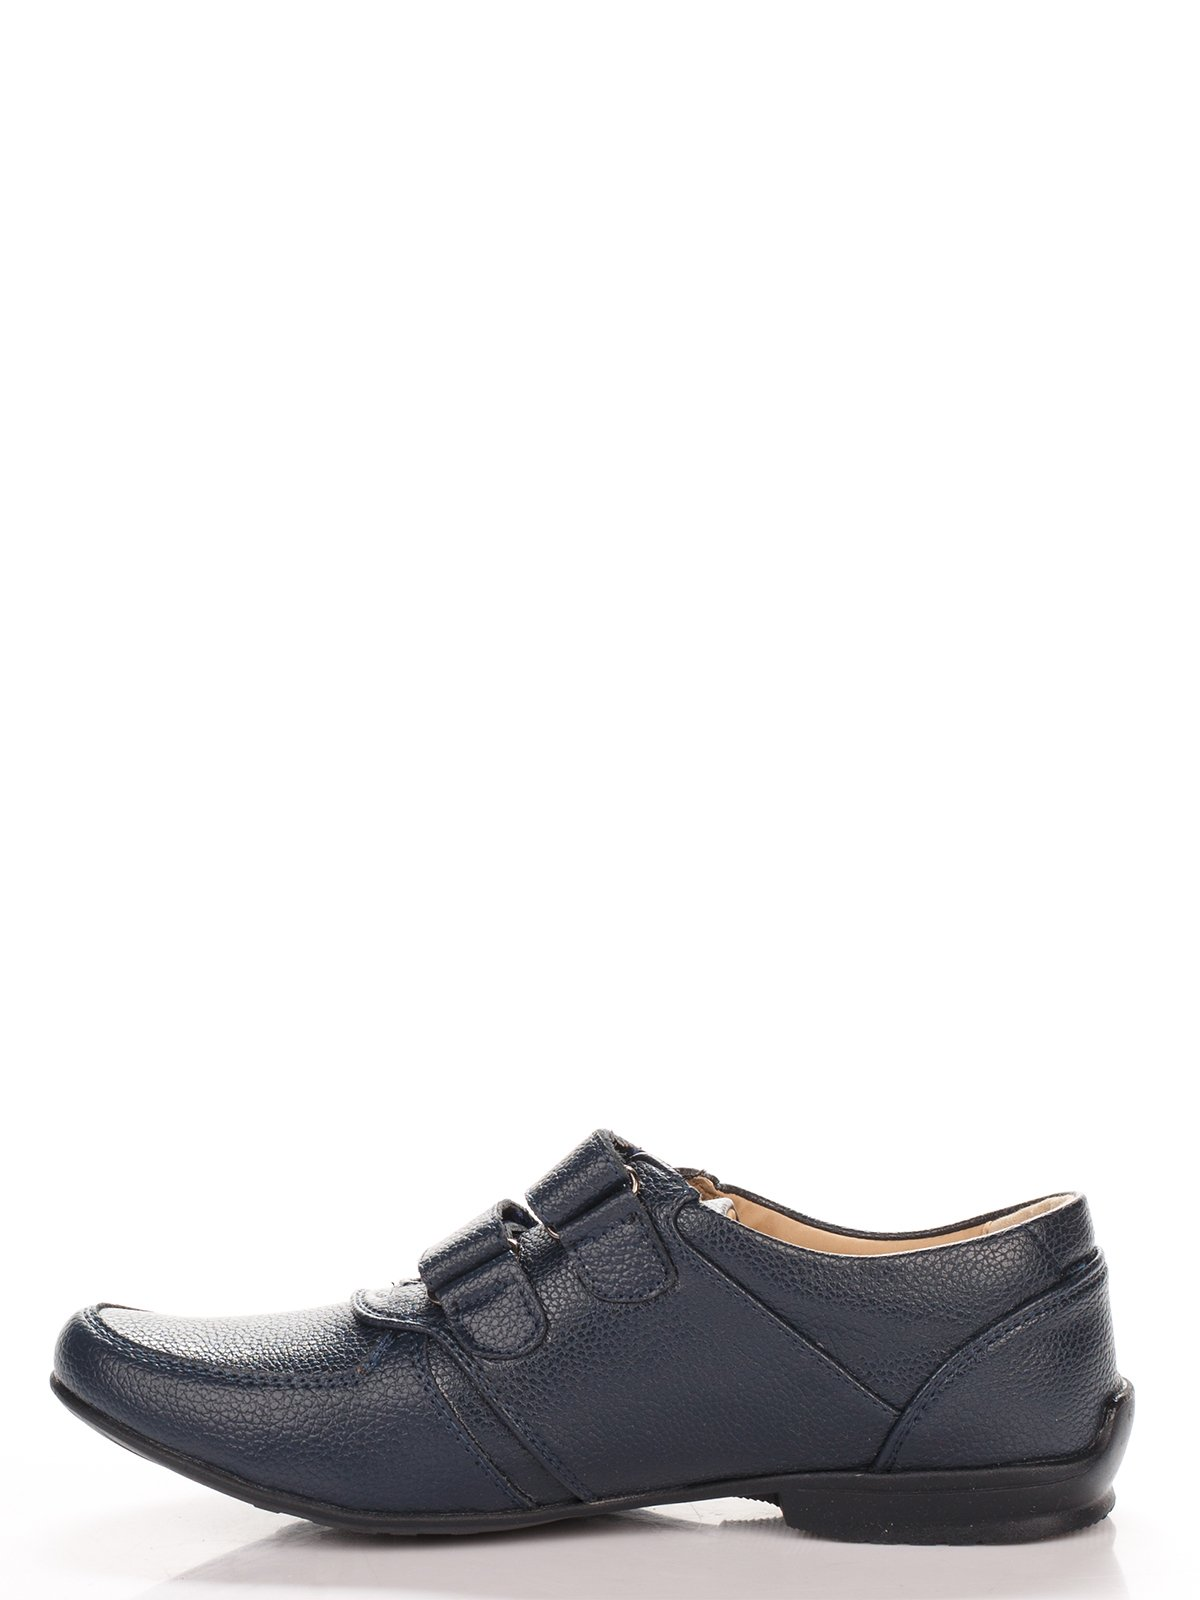 Туфлі сині | 3919032 | фото 2